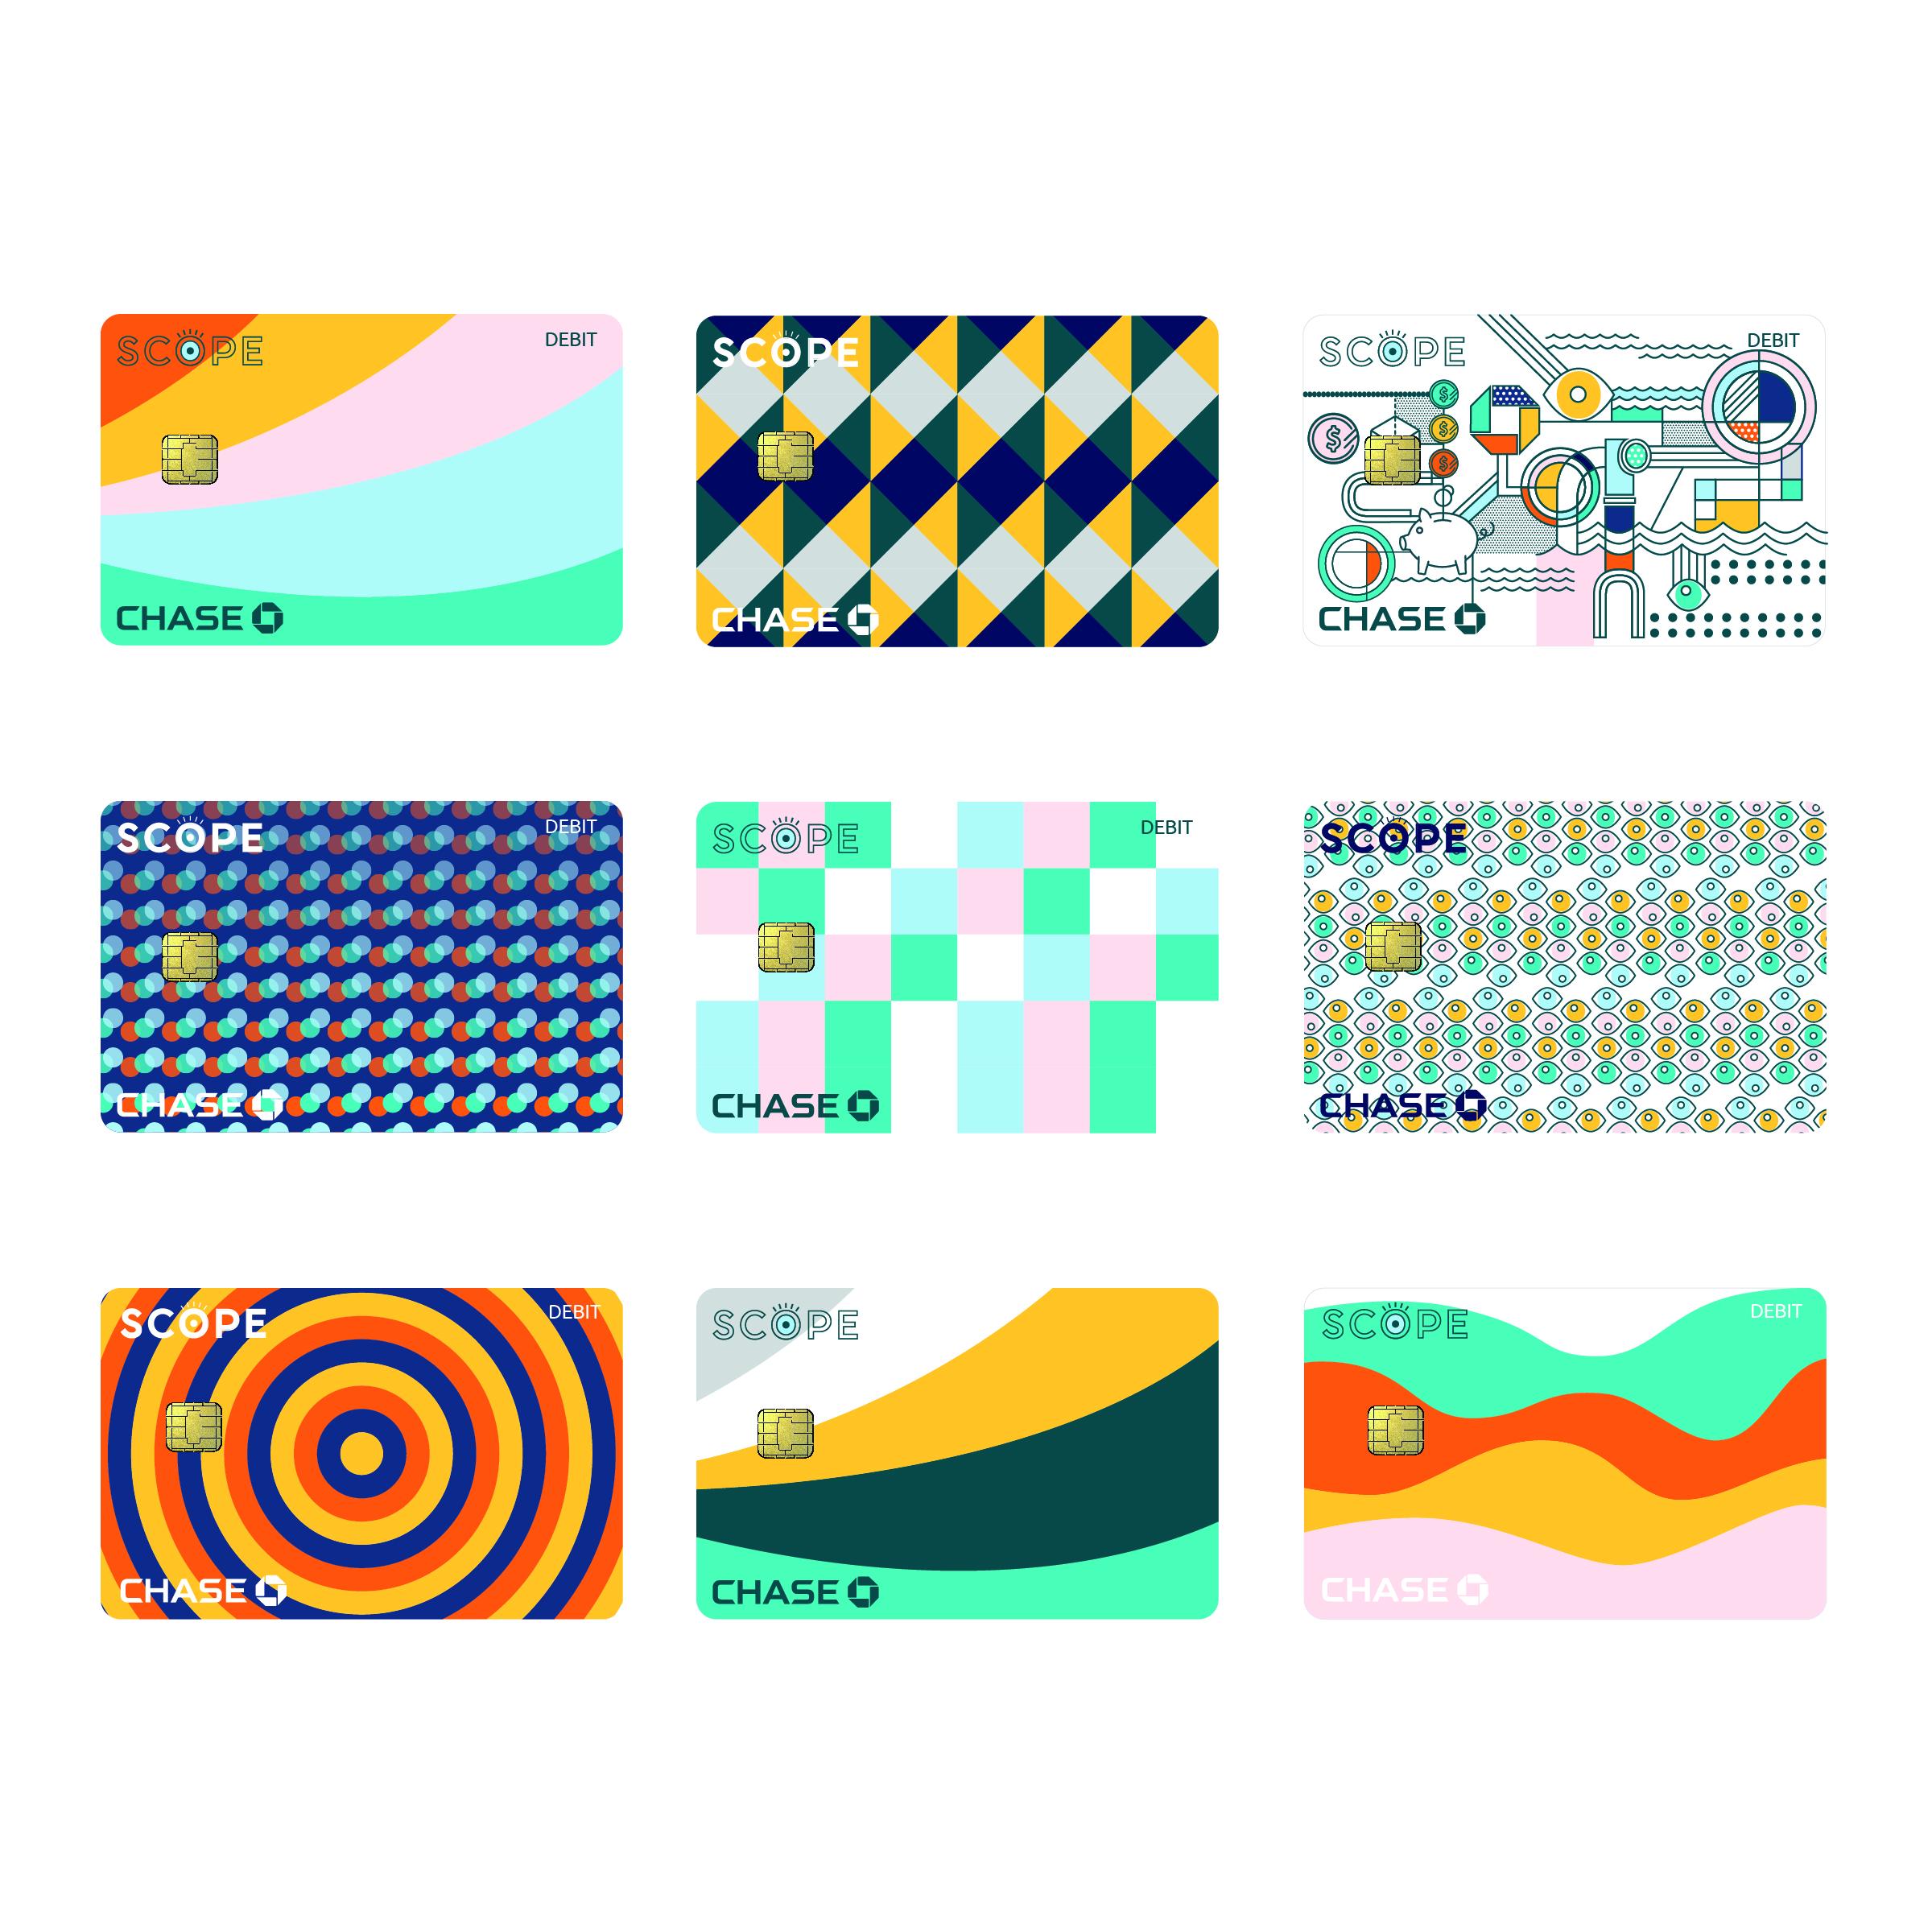 Credit Card Designs Grid-01.jpg